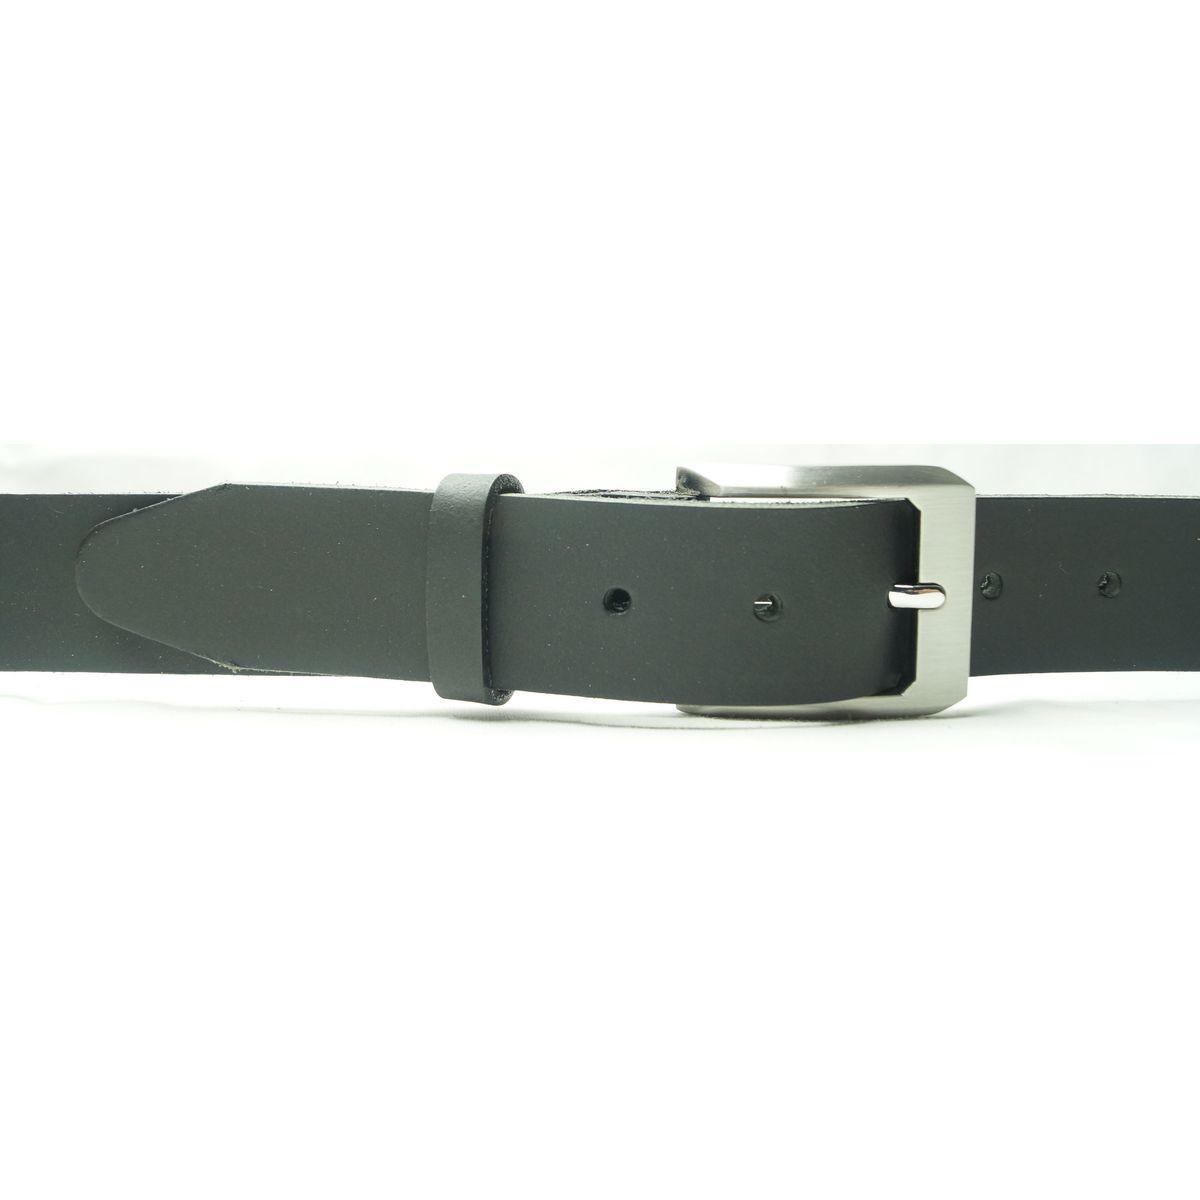 2b79474313b Køb Læder Bælte - Jack - Sort fremstillet af 100% Læder og Metal i ...